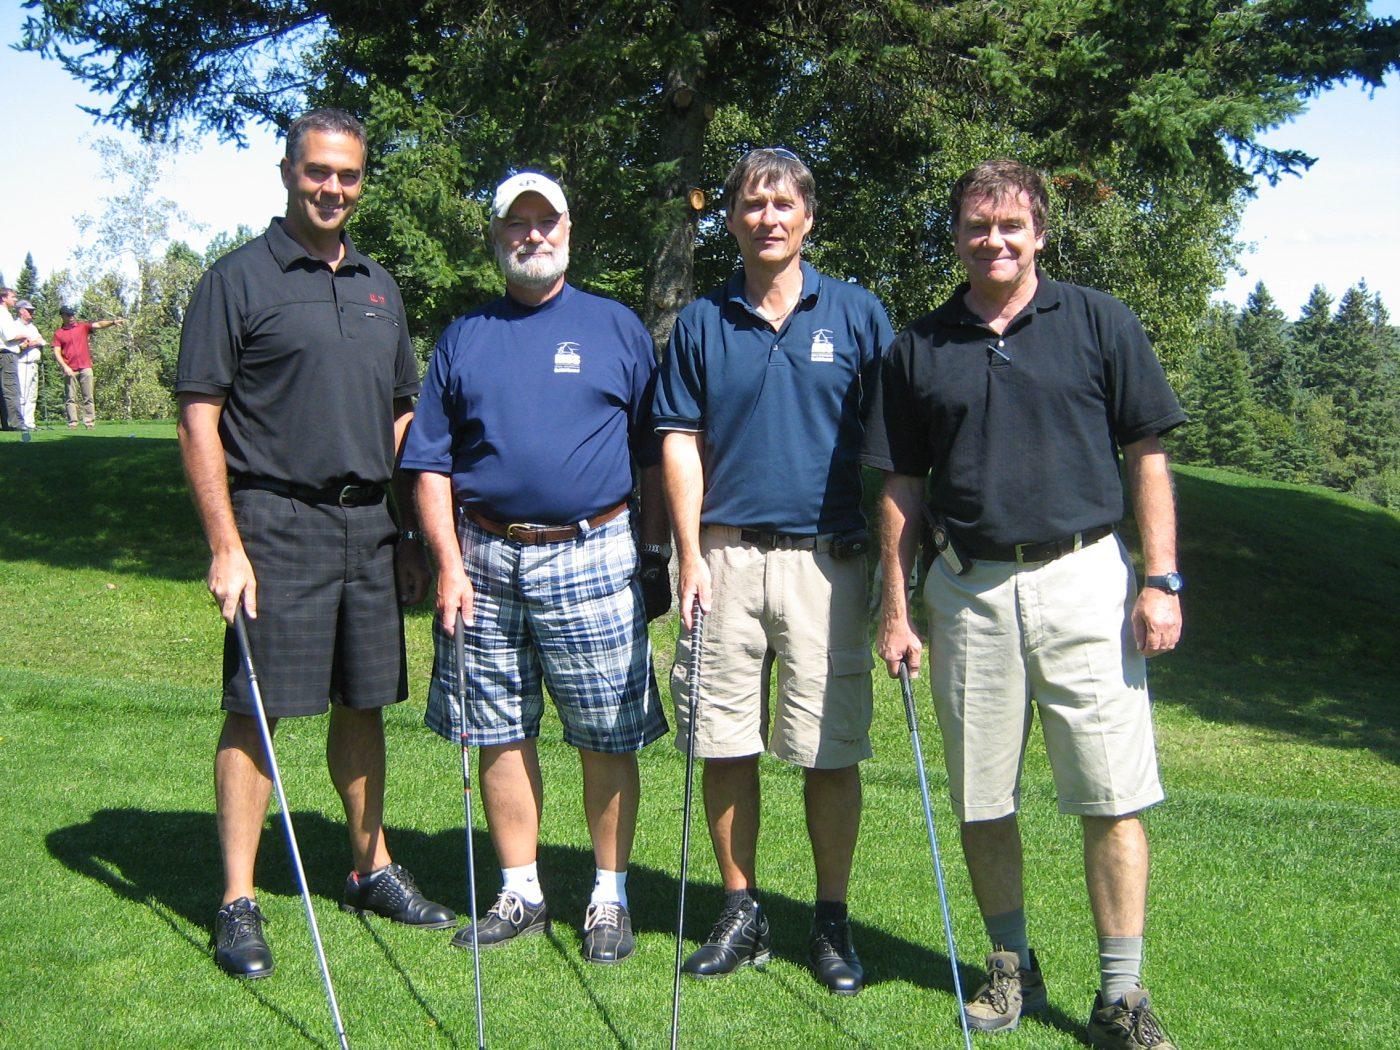 Tournoi de golf du 27 août 2007